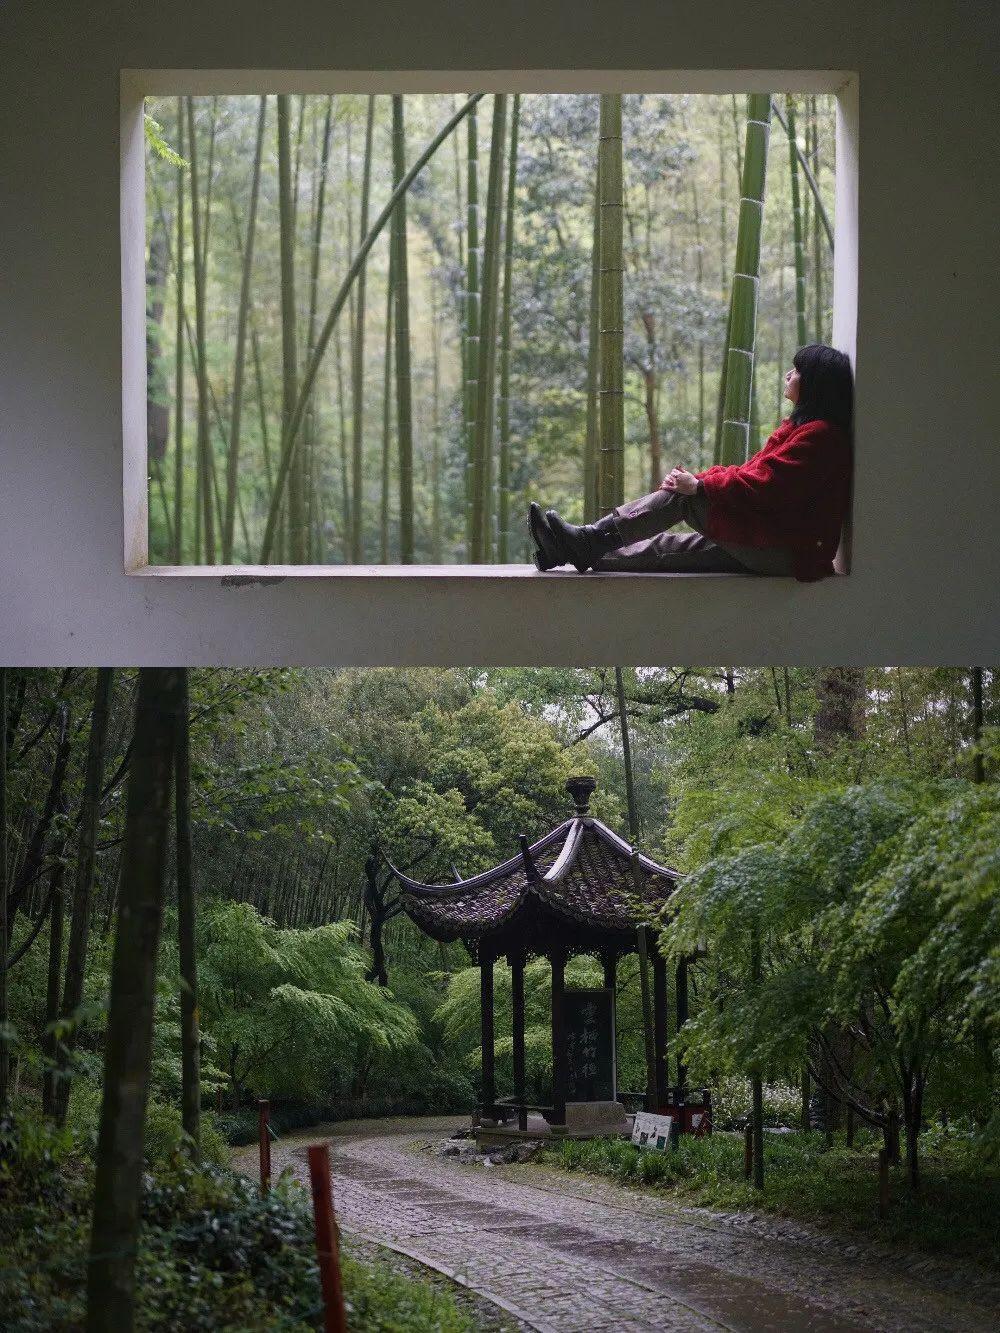 杭州拍照圣地list,从此称霸朋友圈!